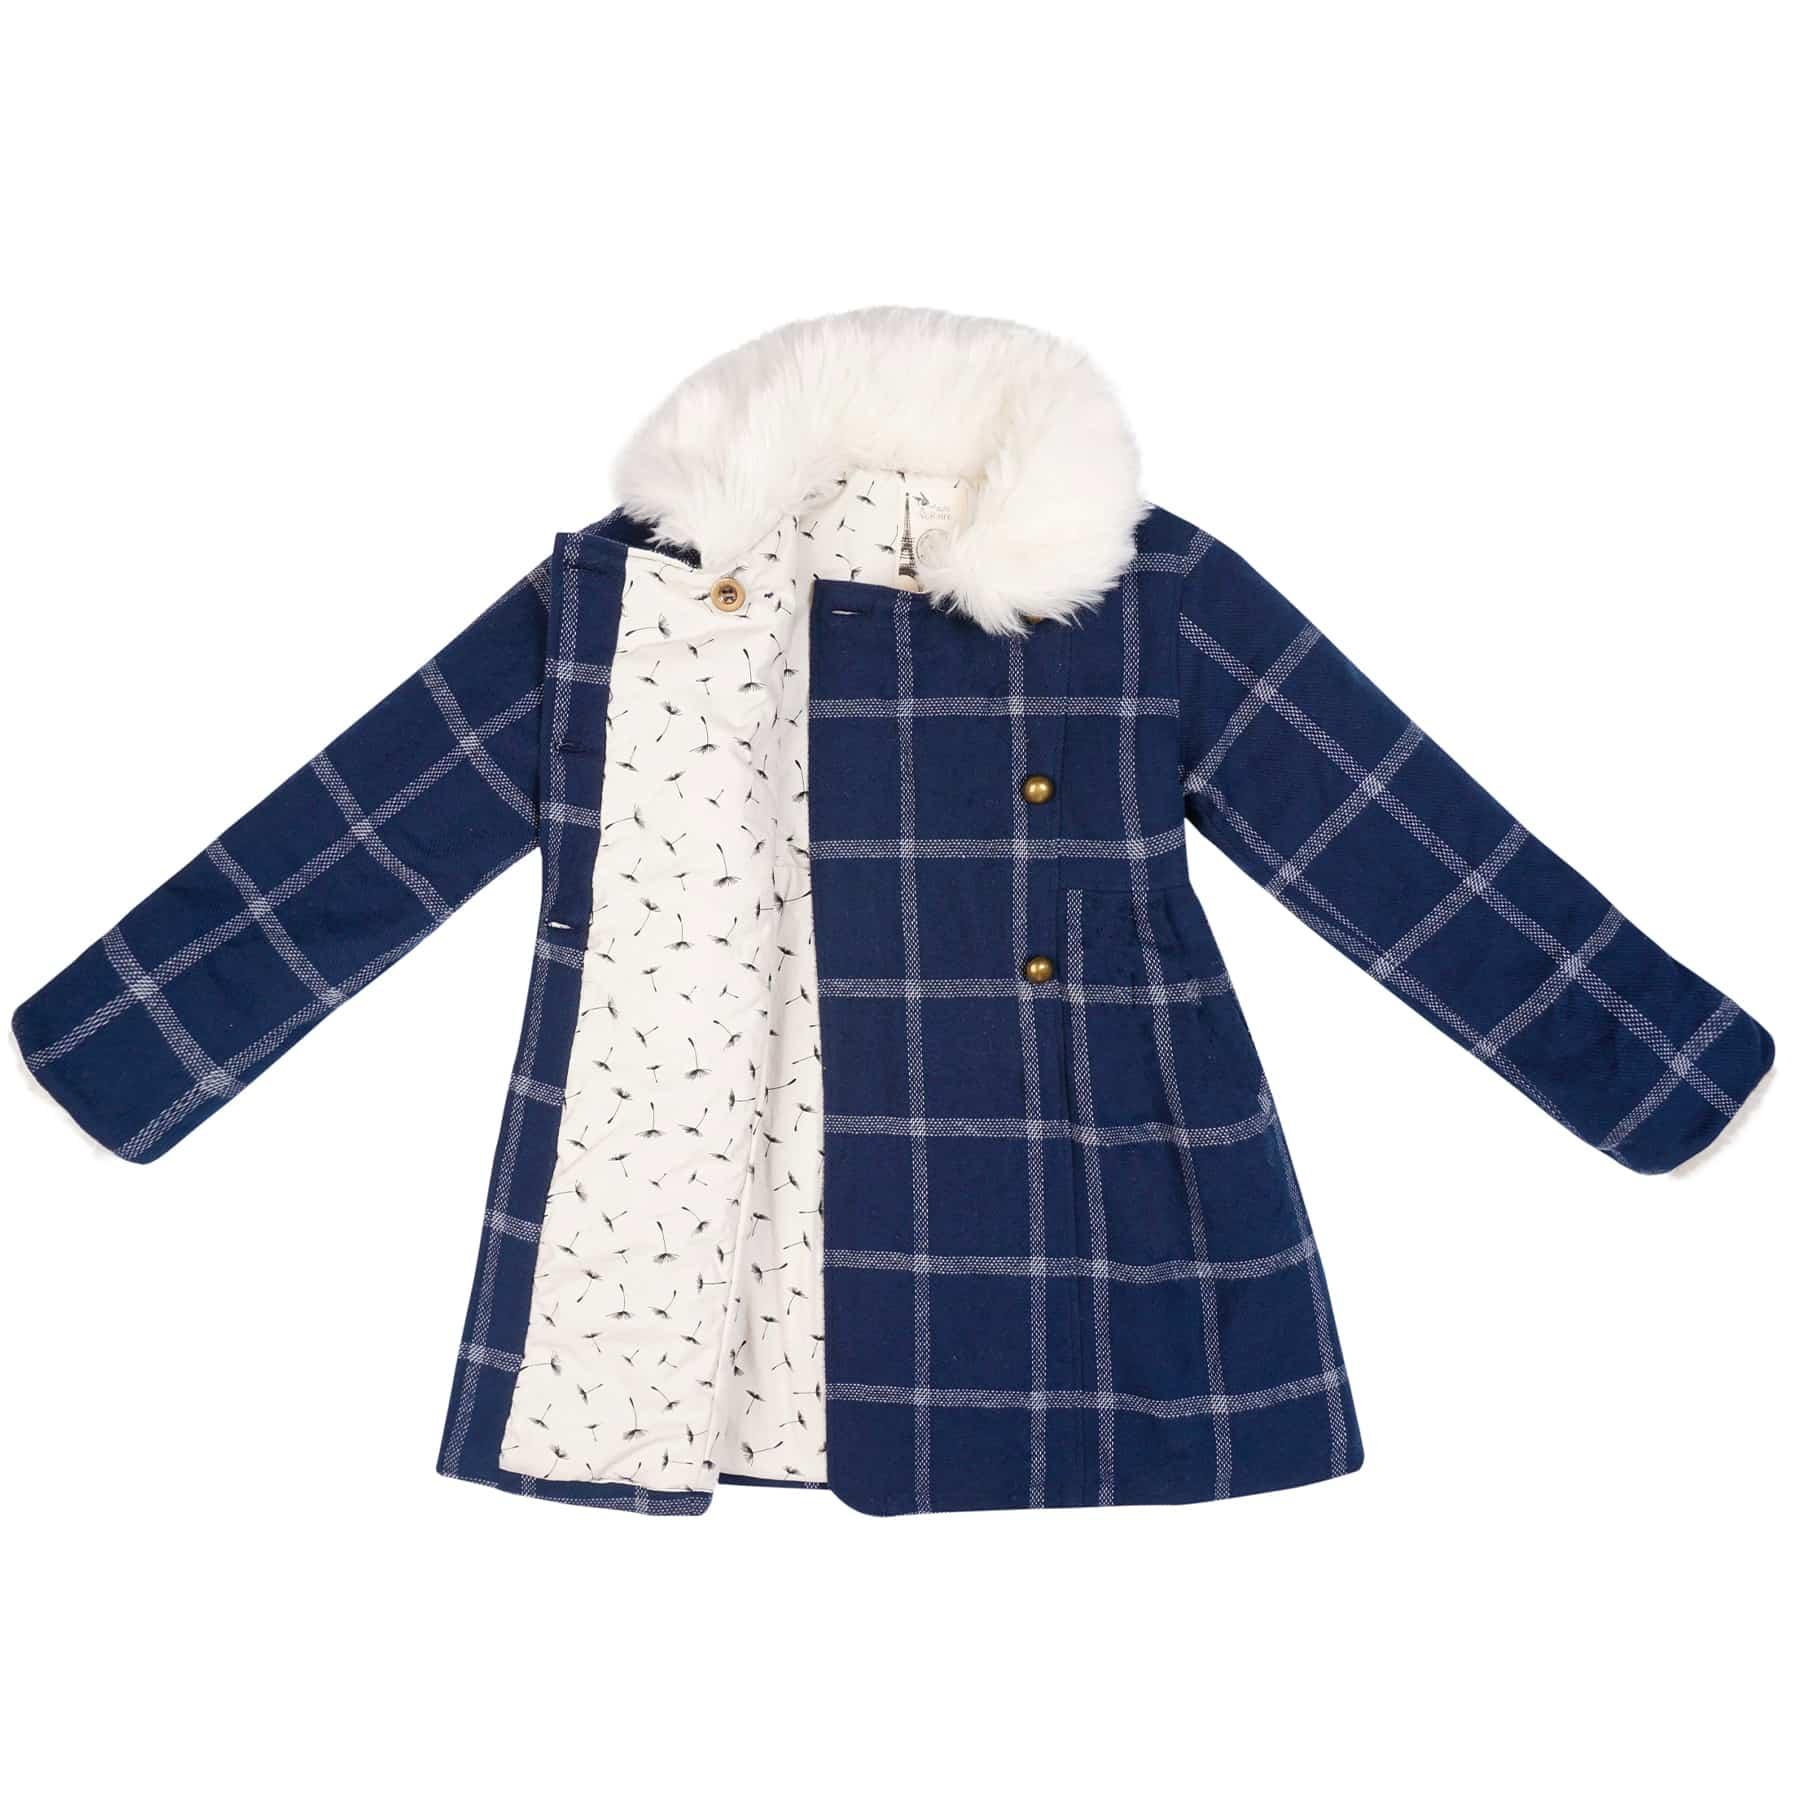 Manteau fille laine à carreaux bleus et blancs